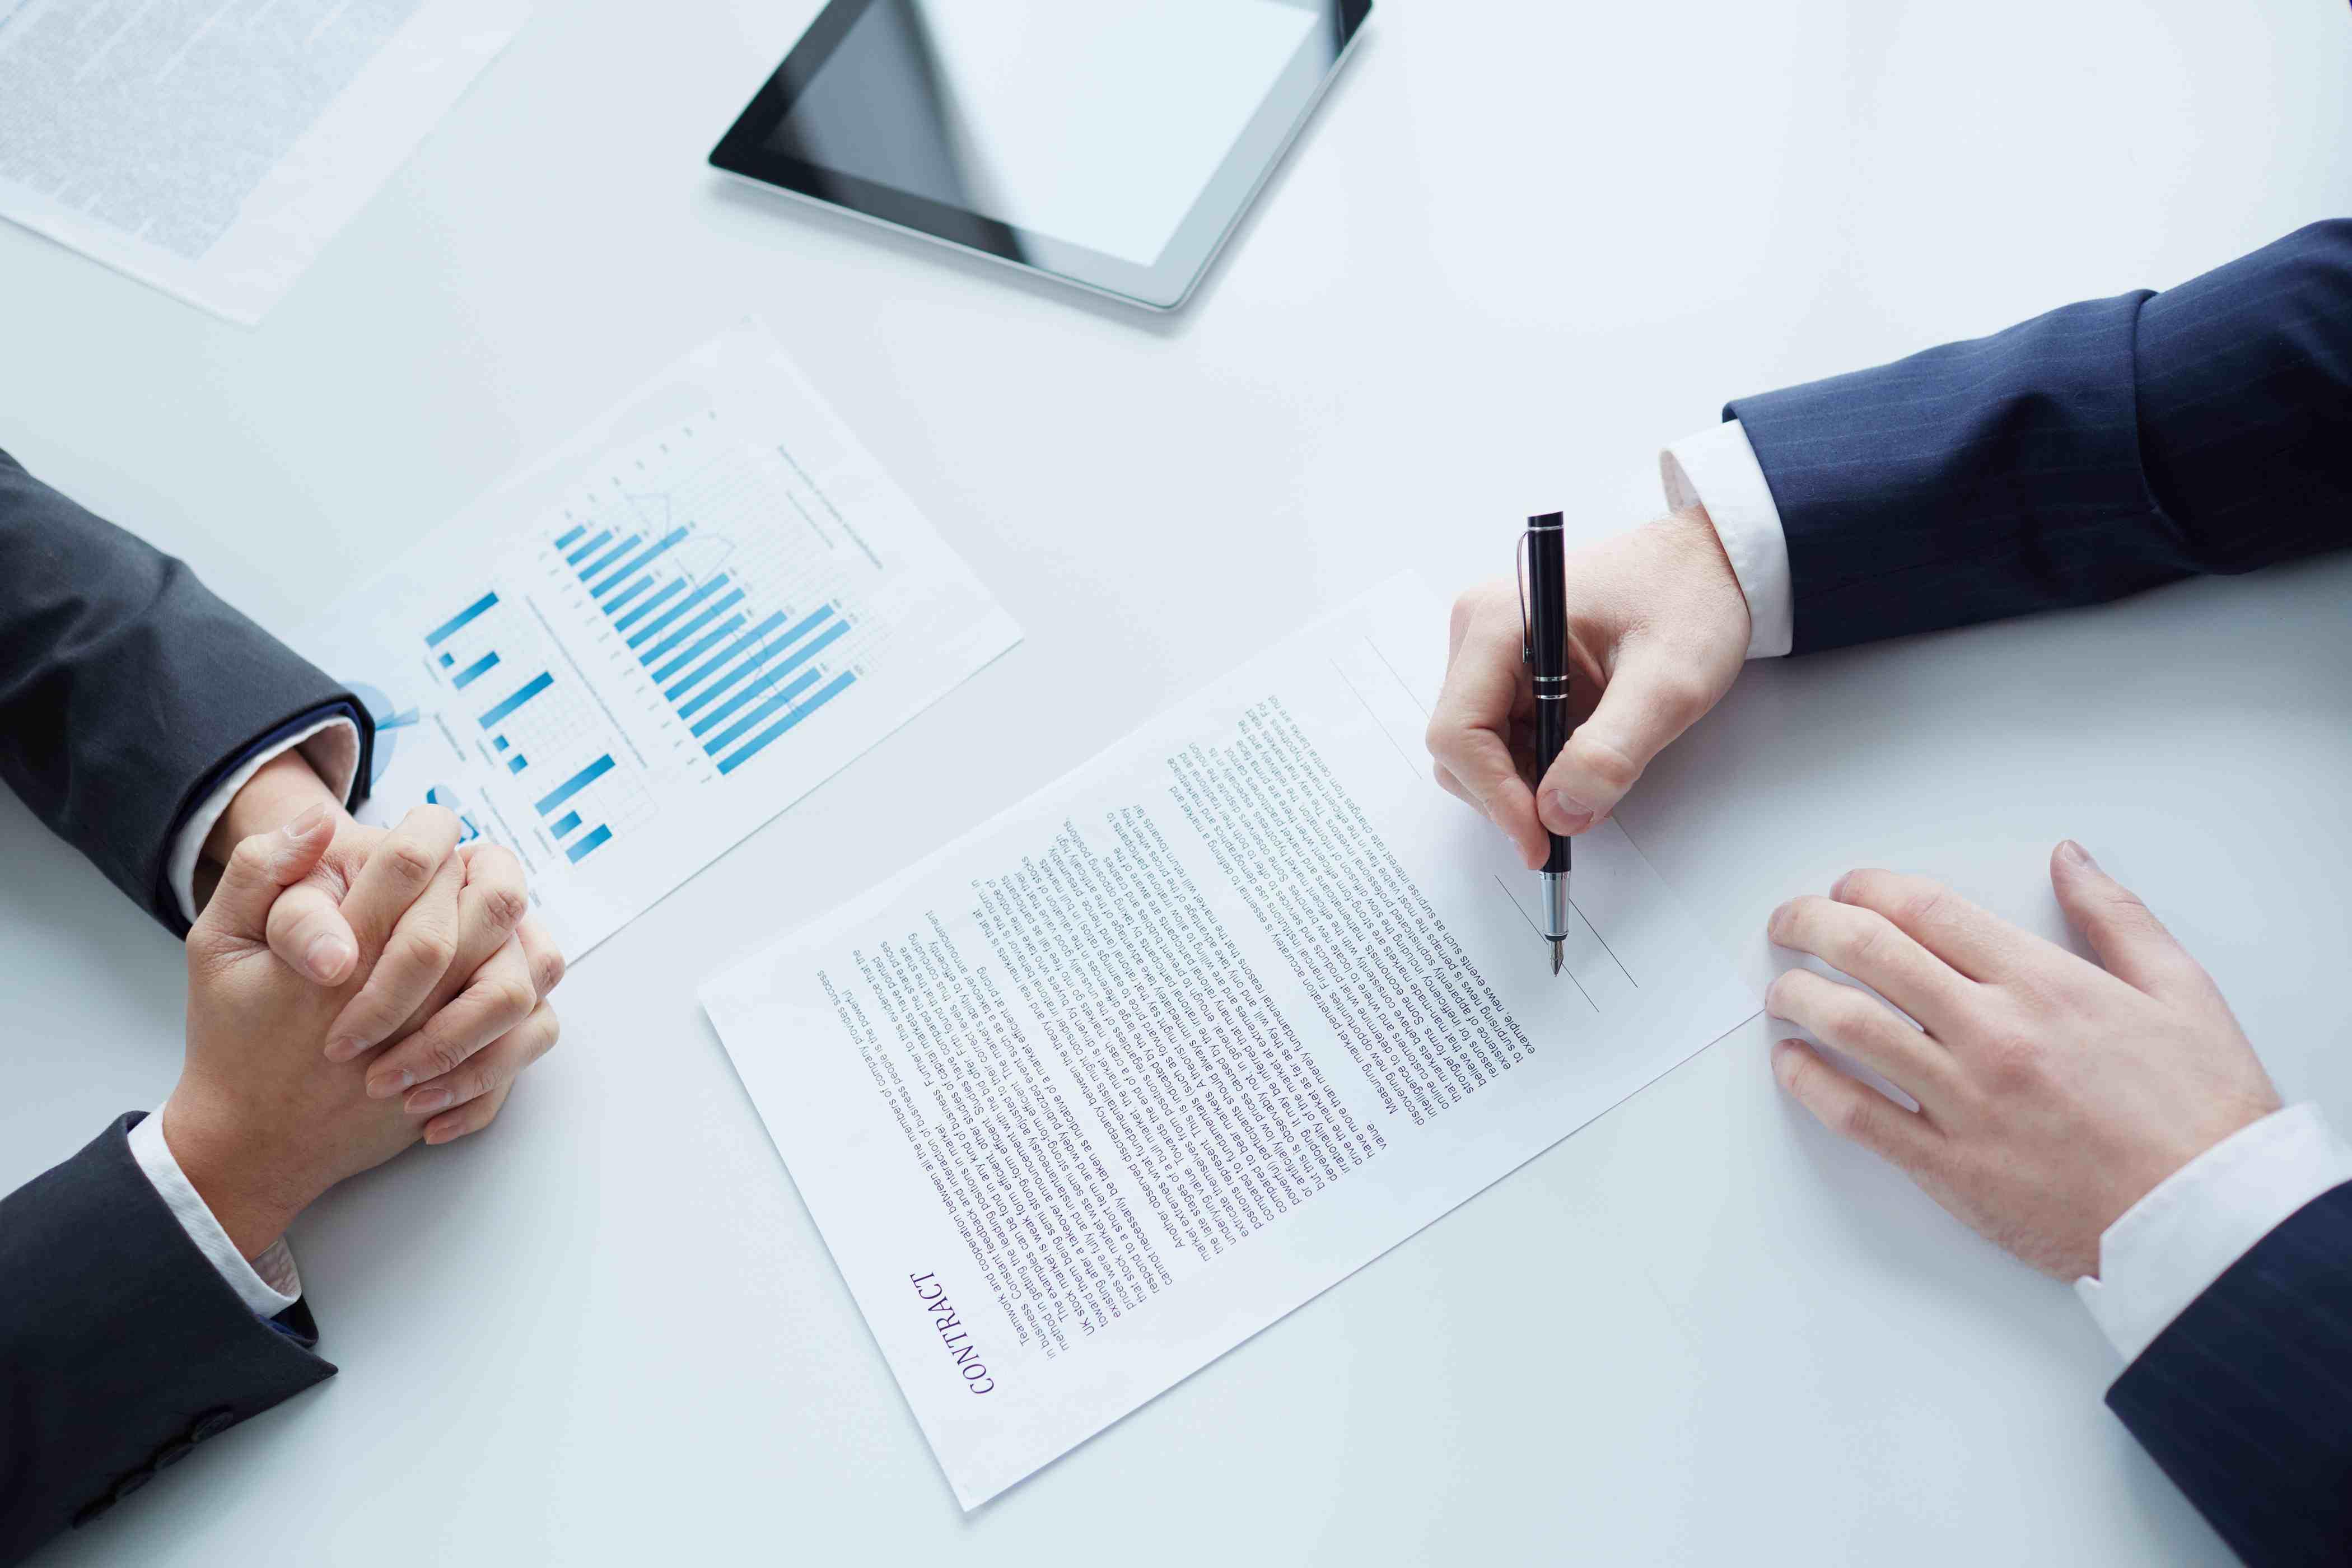 Κεφάλαια ύψους 420 εκατ. ευρώ σε περισσότερες από 2.000 μικρομεσαίες επιχειρήσεις